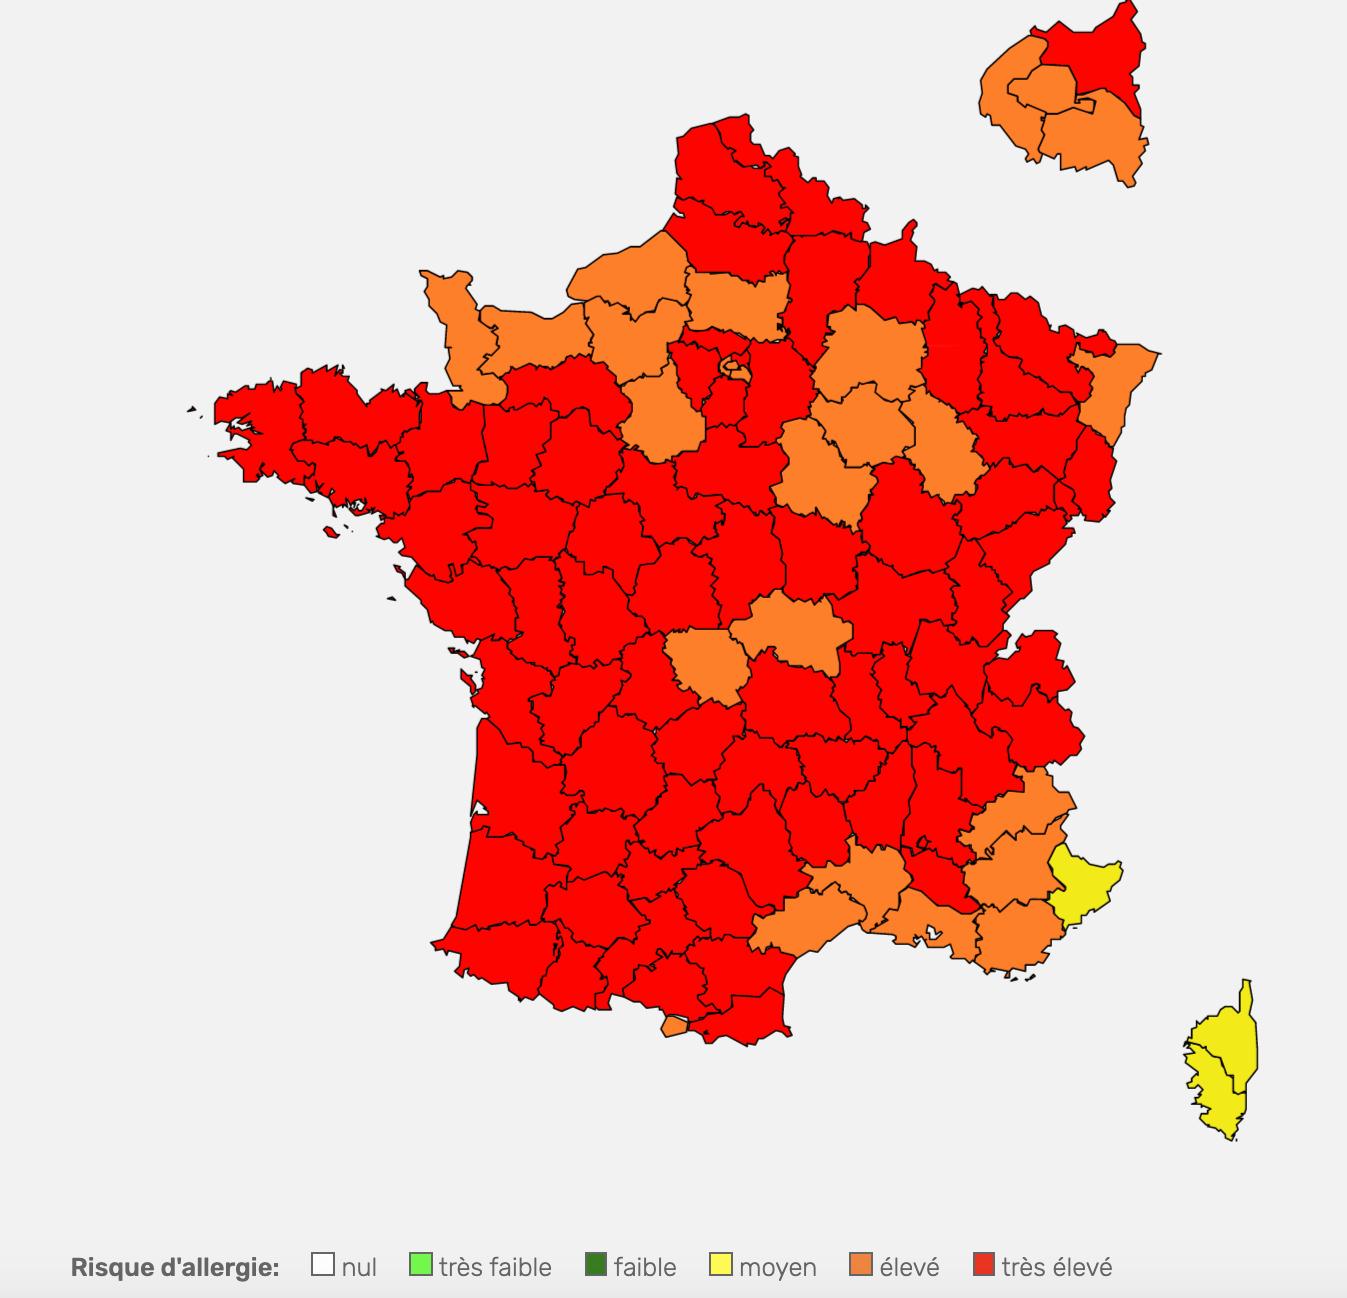 carte-pollens-france-rnsa